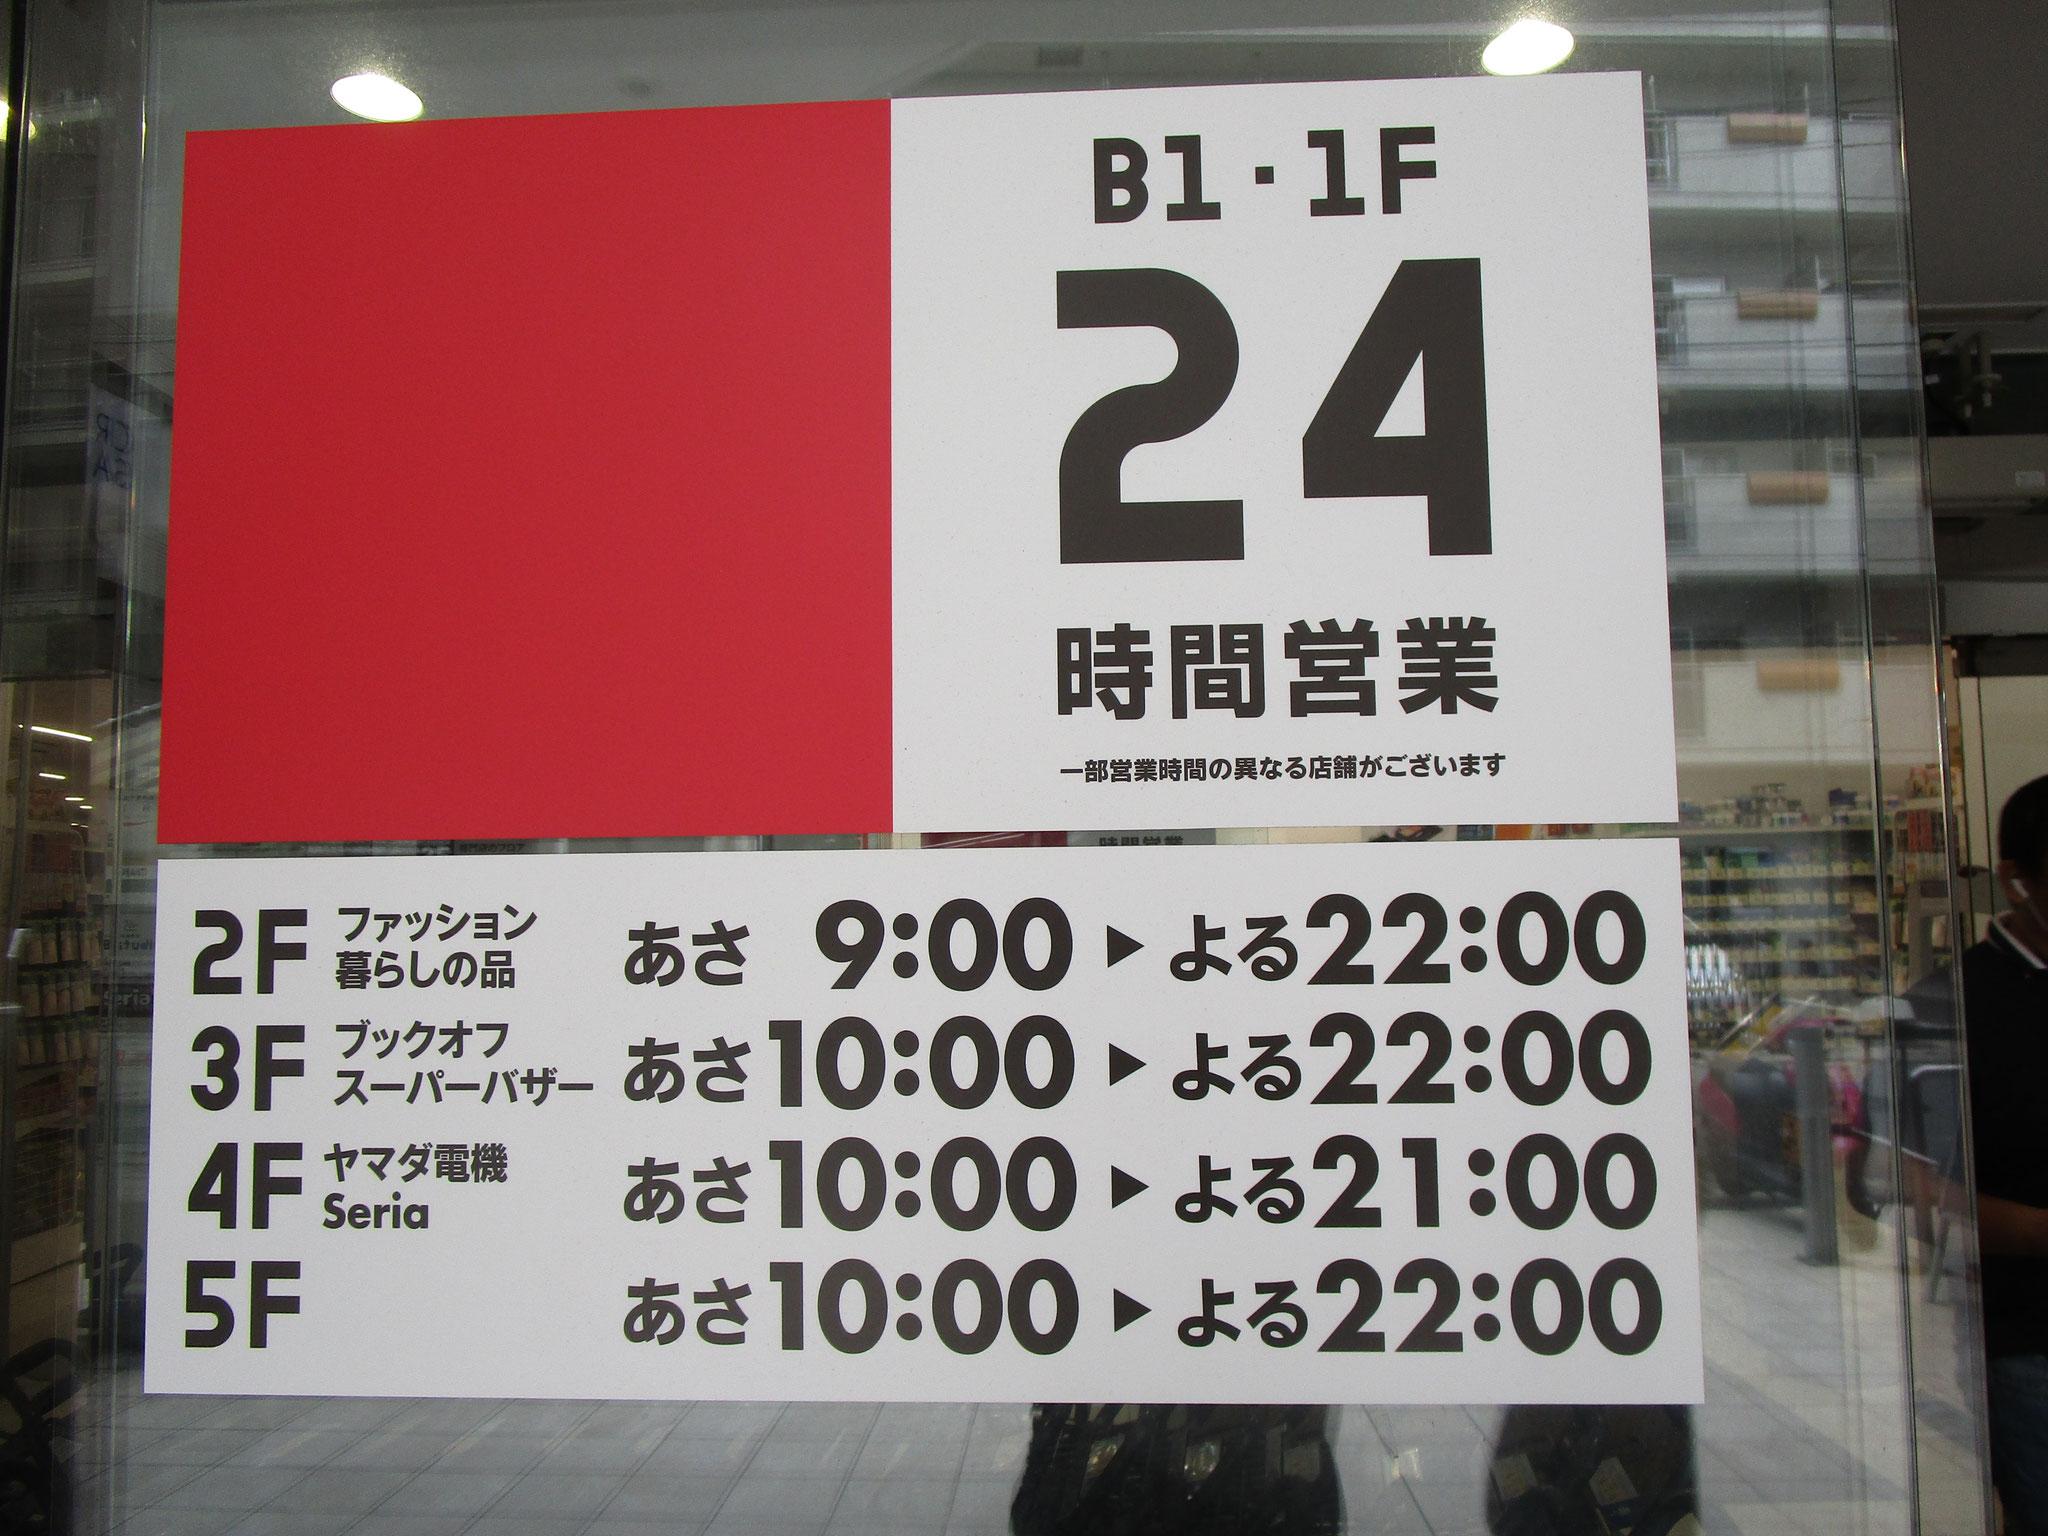 こちらの食料品売場は24時間営業